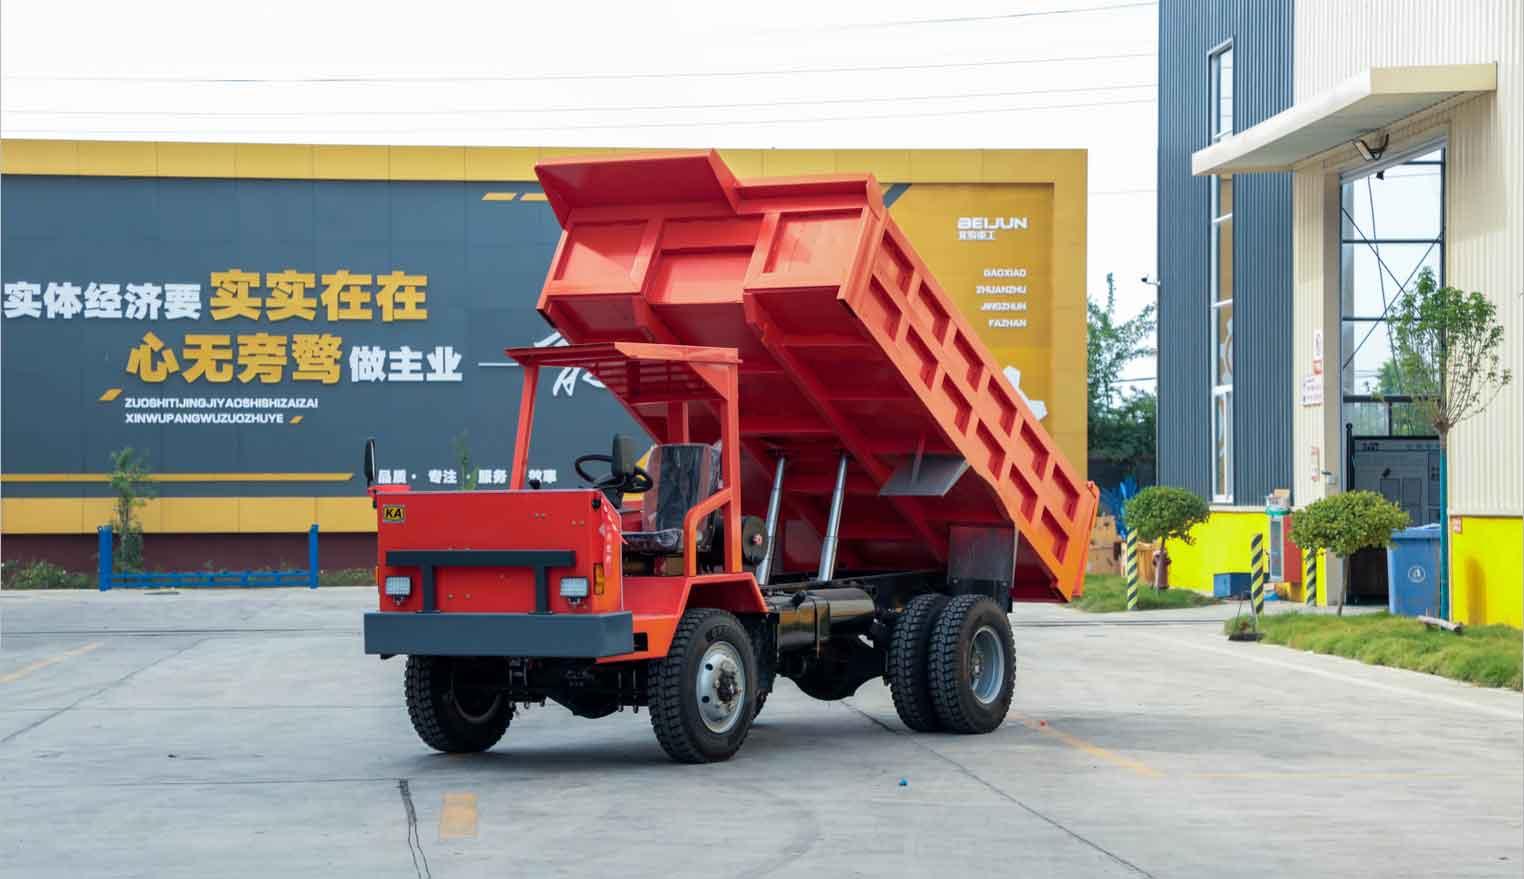 黑龙江双鸭山八吨矿用四不像车矿山运输车有哪些型号